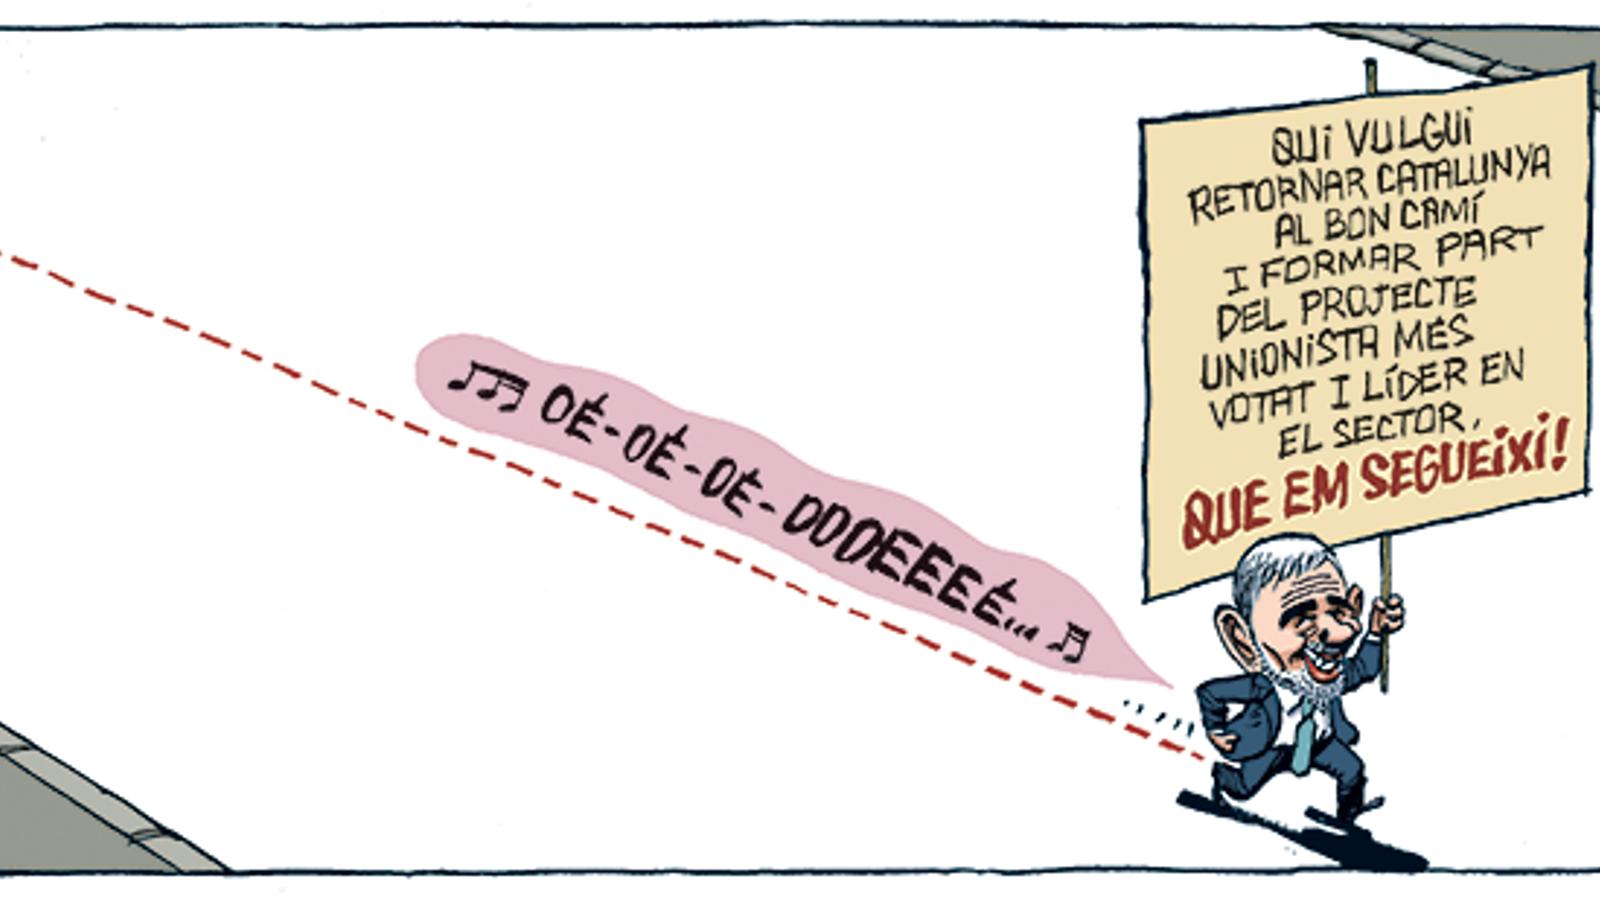 'A la contra', per Fontdevila 25/08/2020